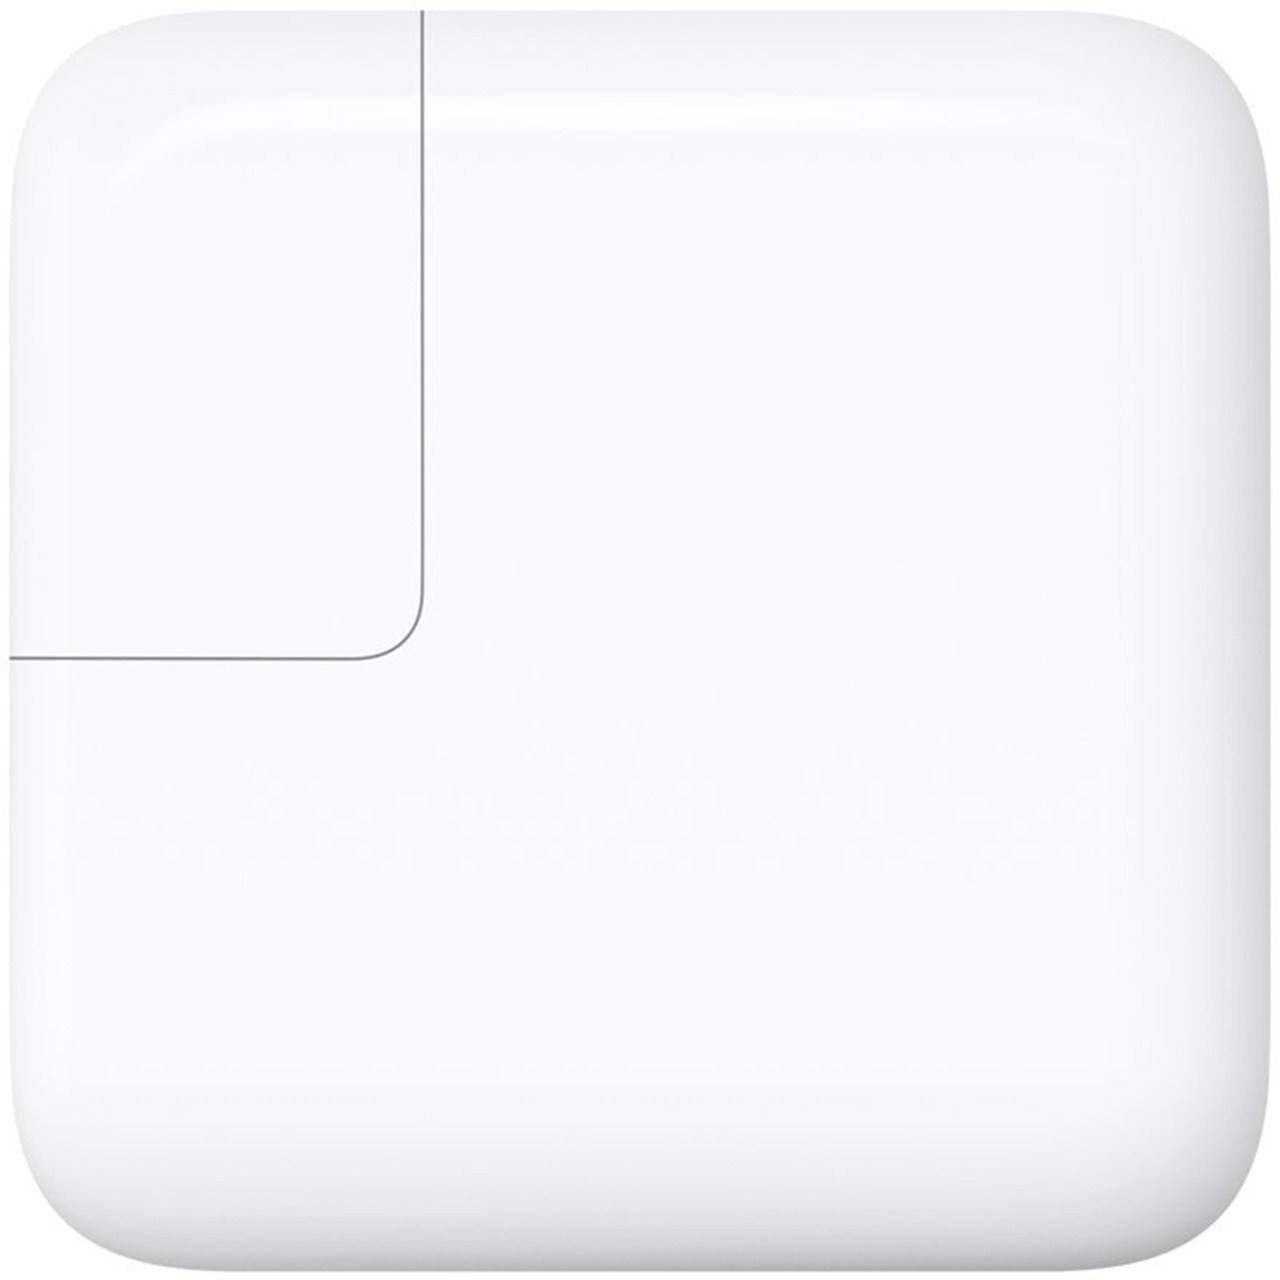 شارژر دیواری 29 وات اپل با درگاه USB-C